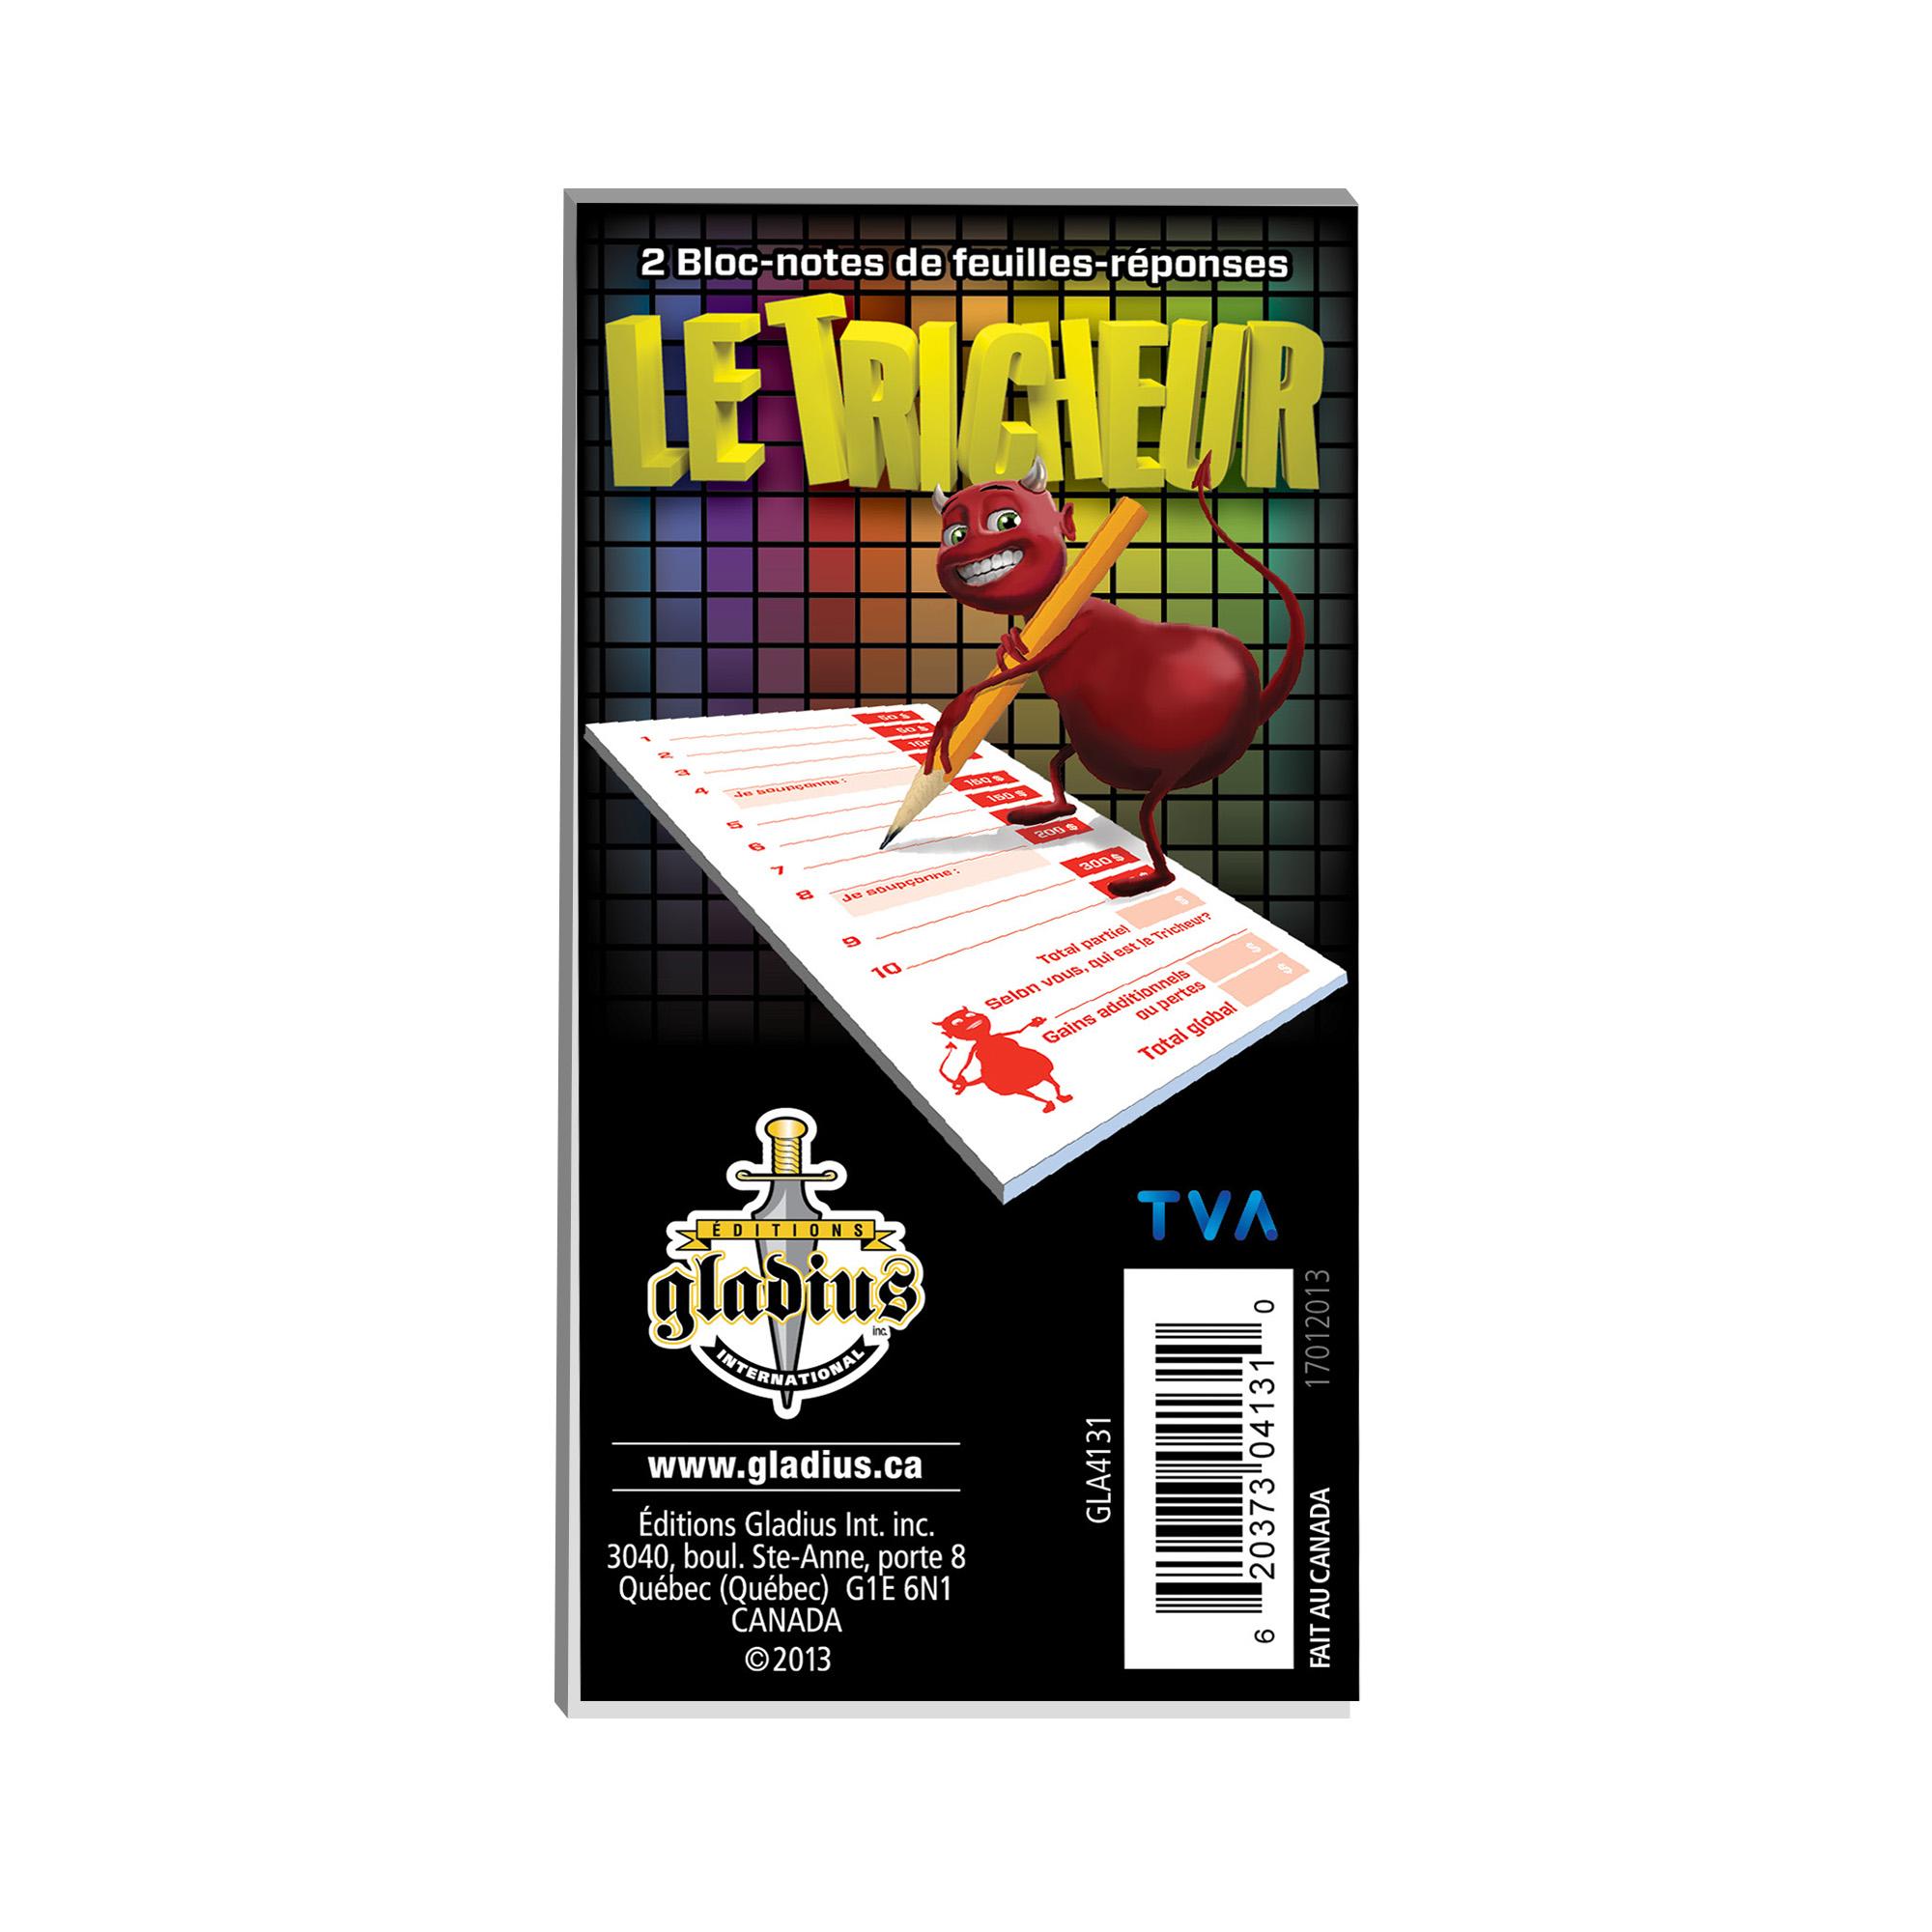 GLA4131 tablette_tricheur_HR